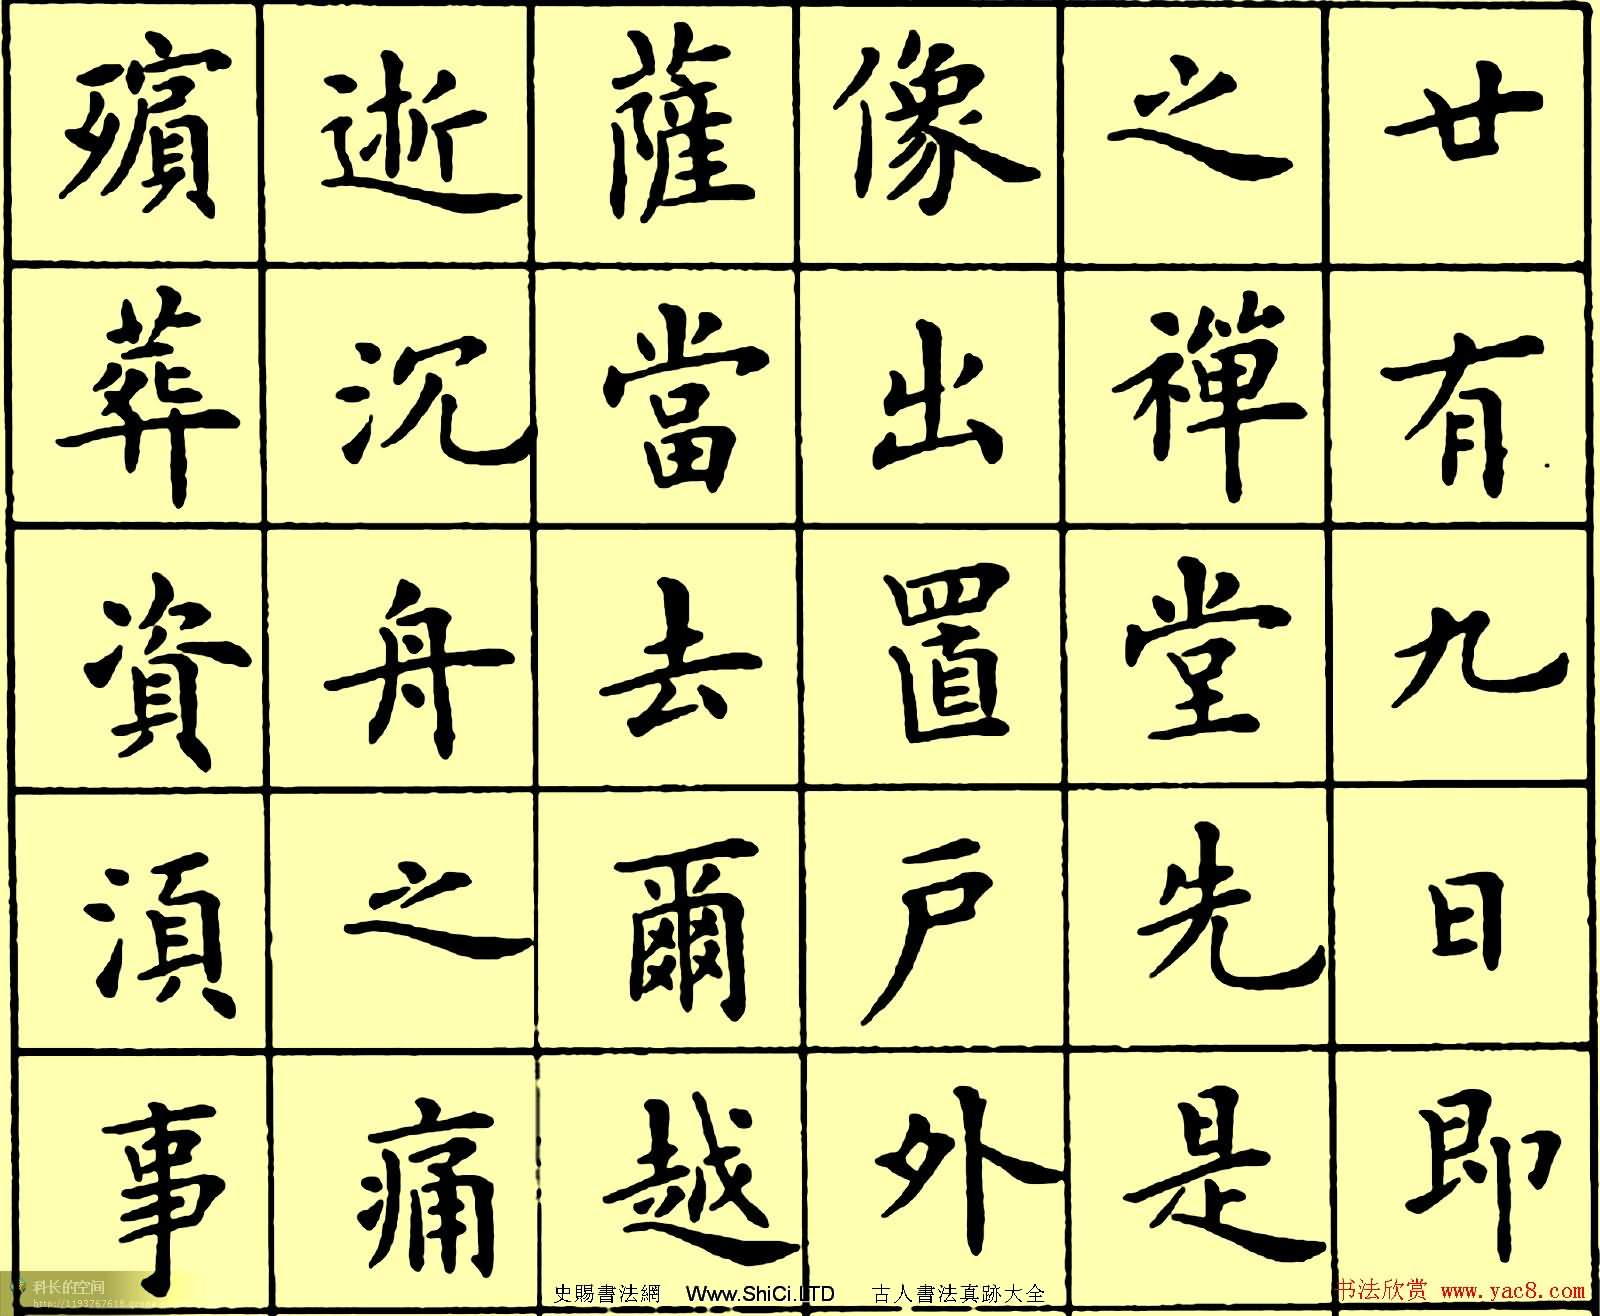 盧中南楷書《黃葉和尚墓誌銘》